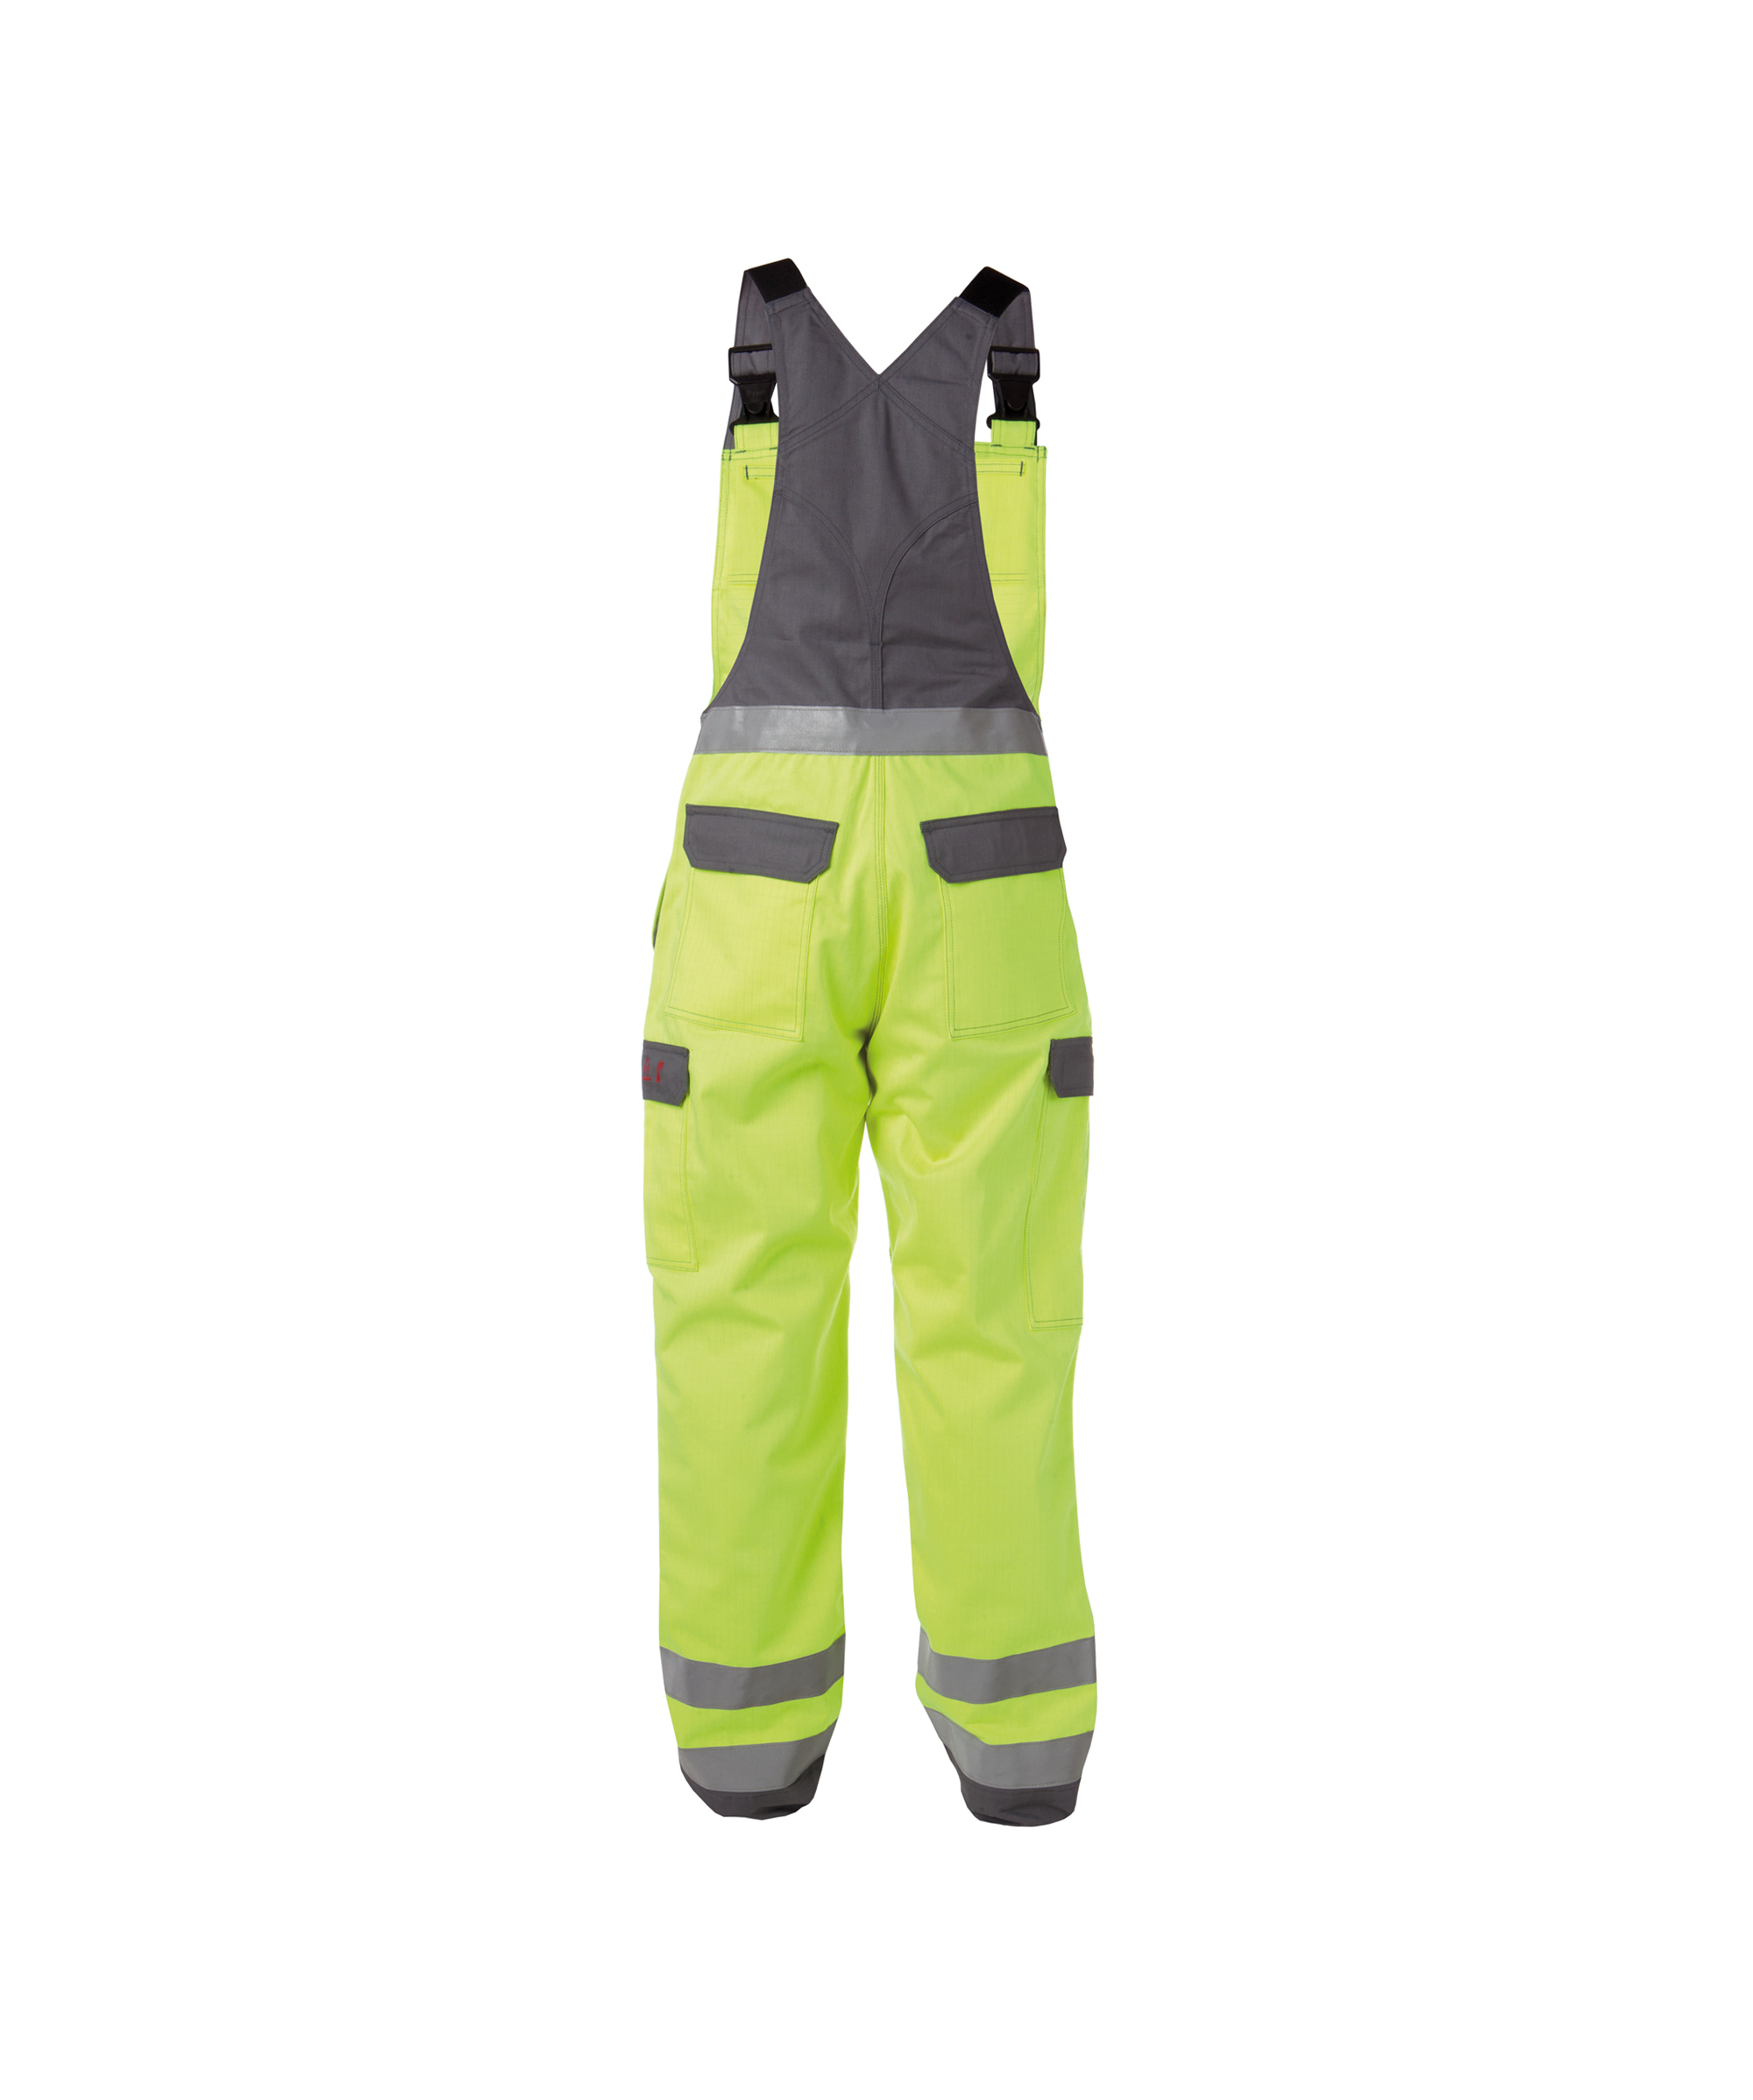 Dassy, Colombia zweifarbige Multinorm Warnschutz Latzhose mit Kniepolstertaschen 400141